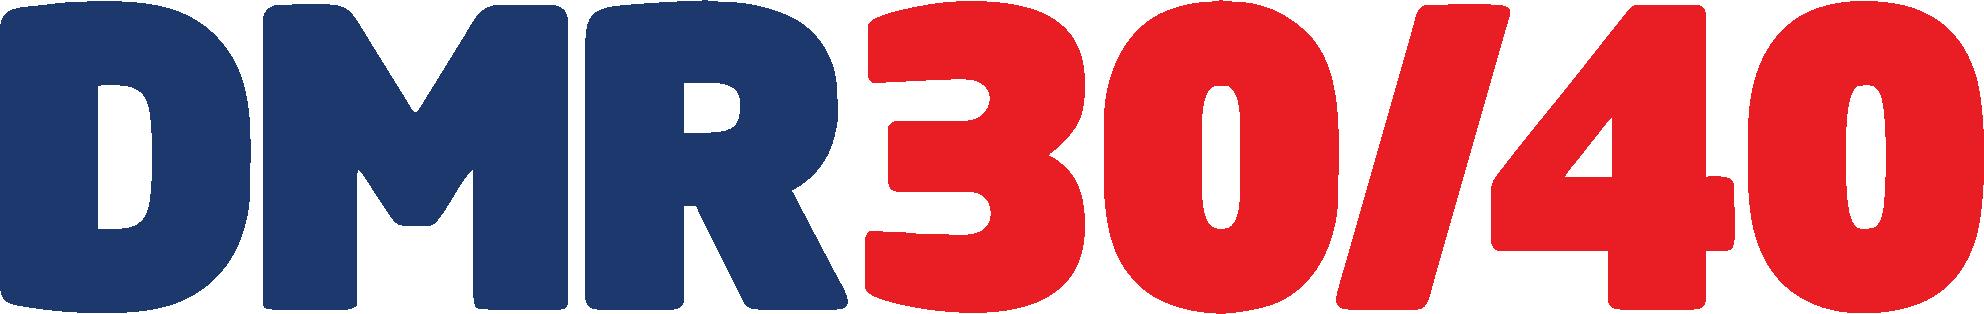 DMR3040-logo.png